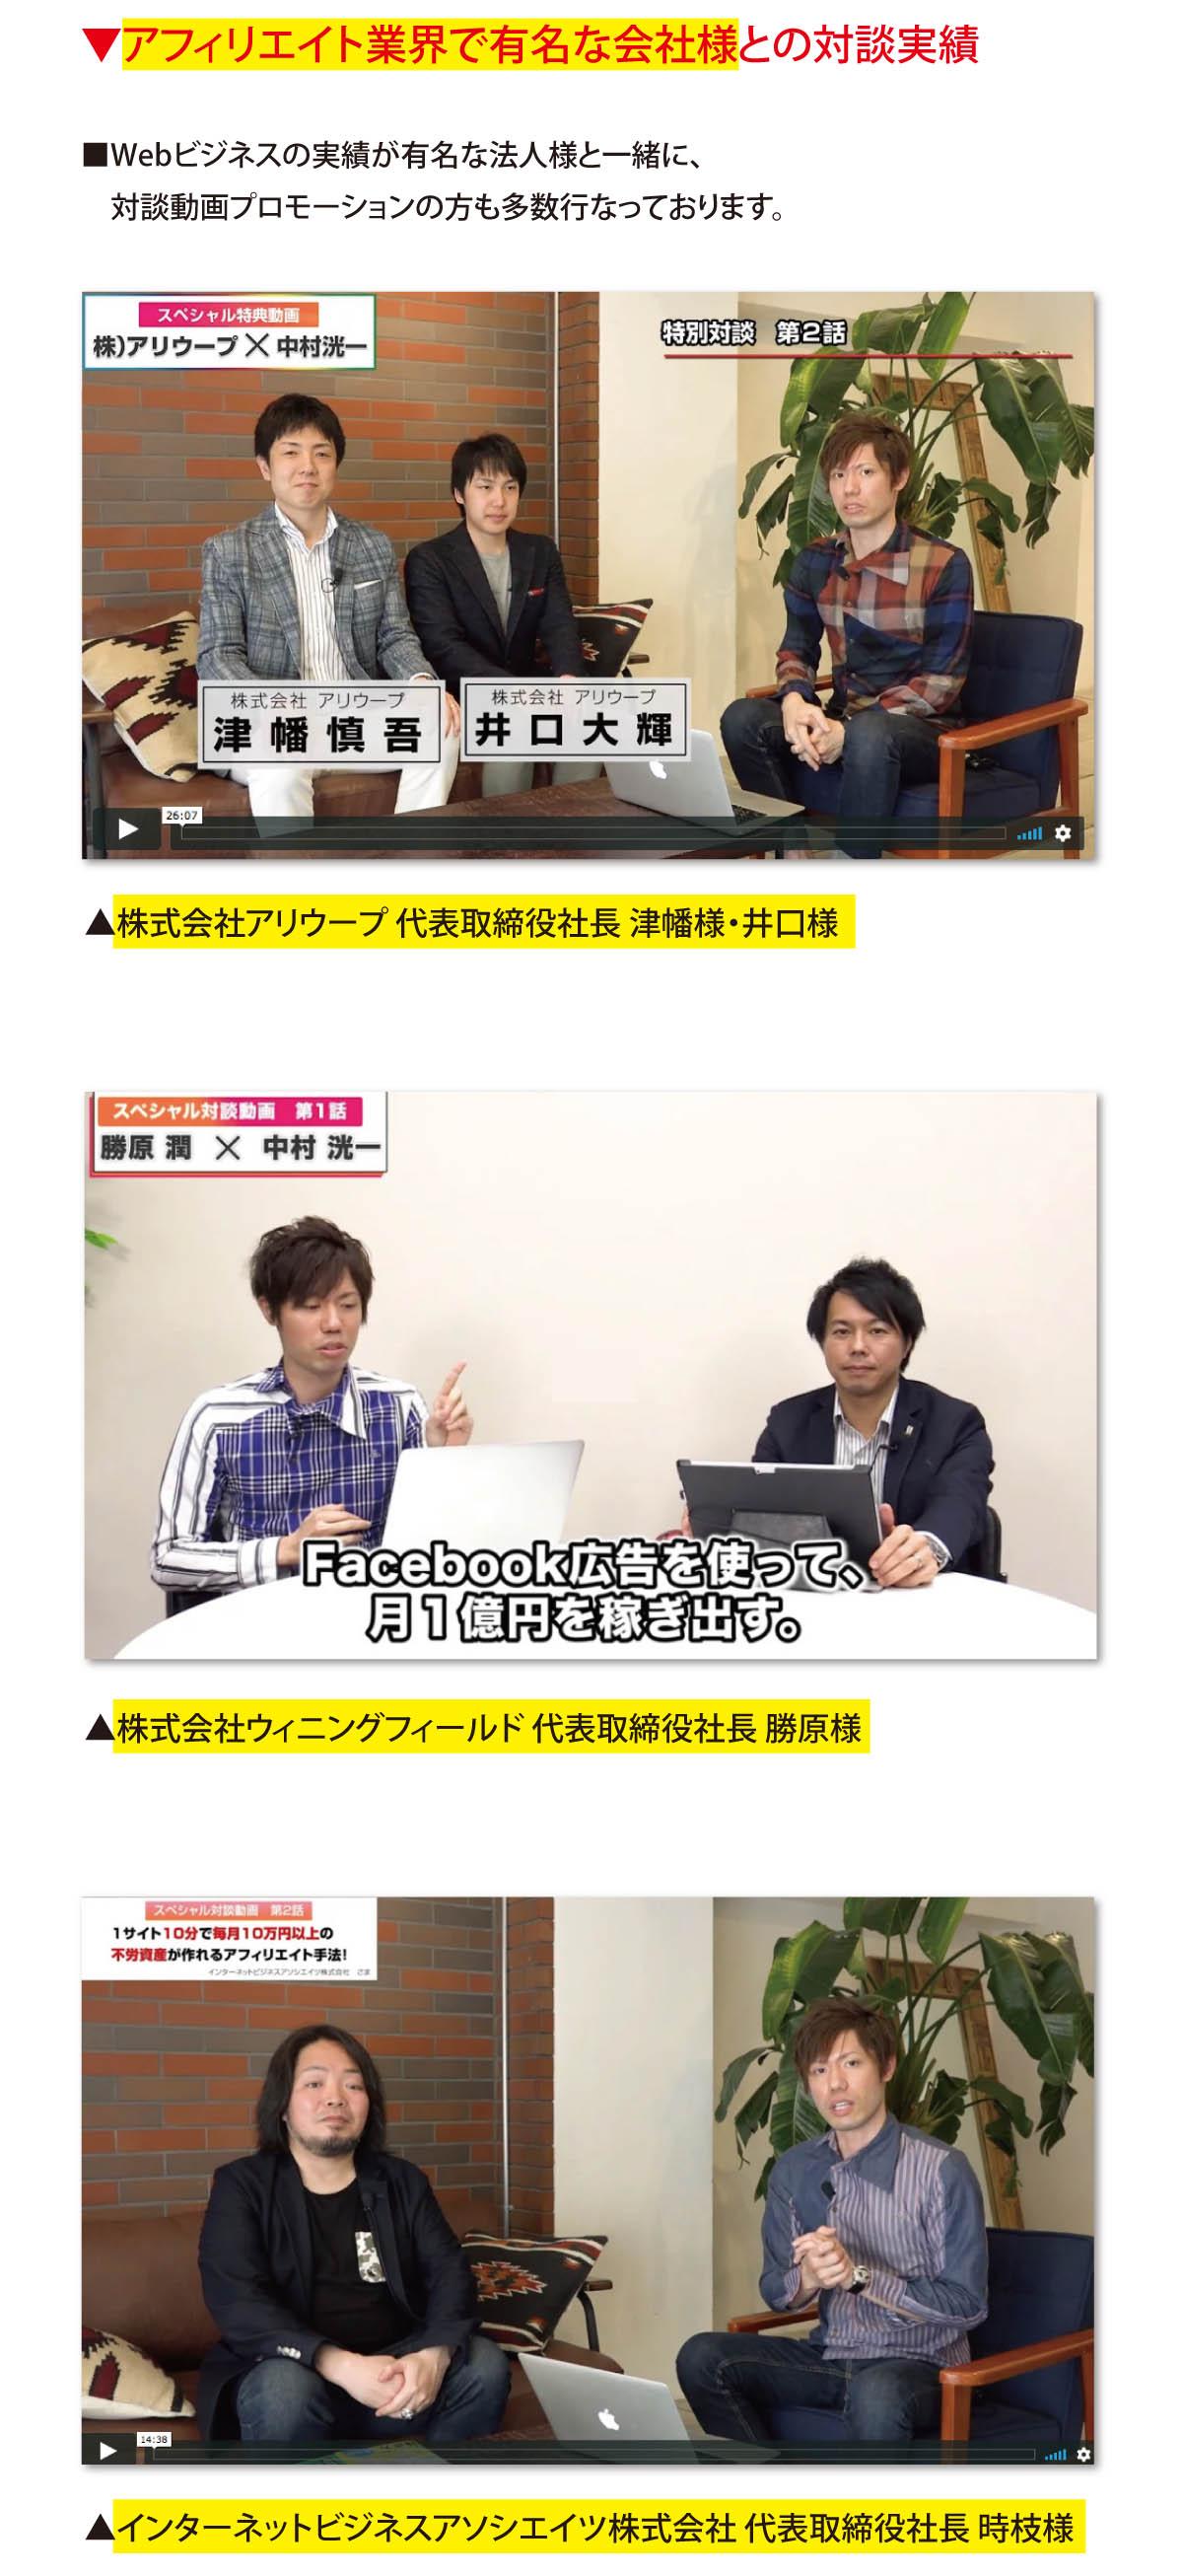 nakamurakouichi_webagent_4